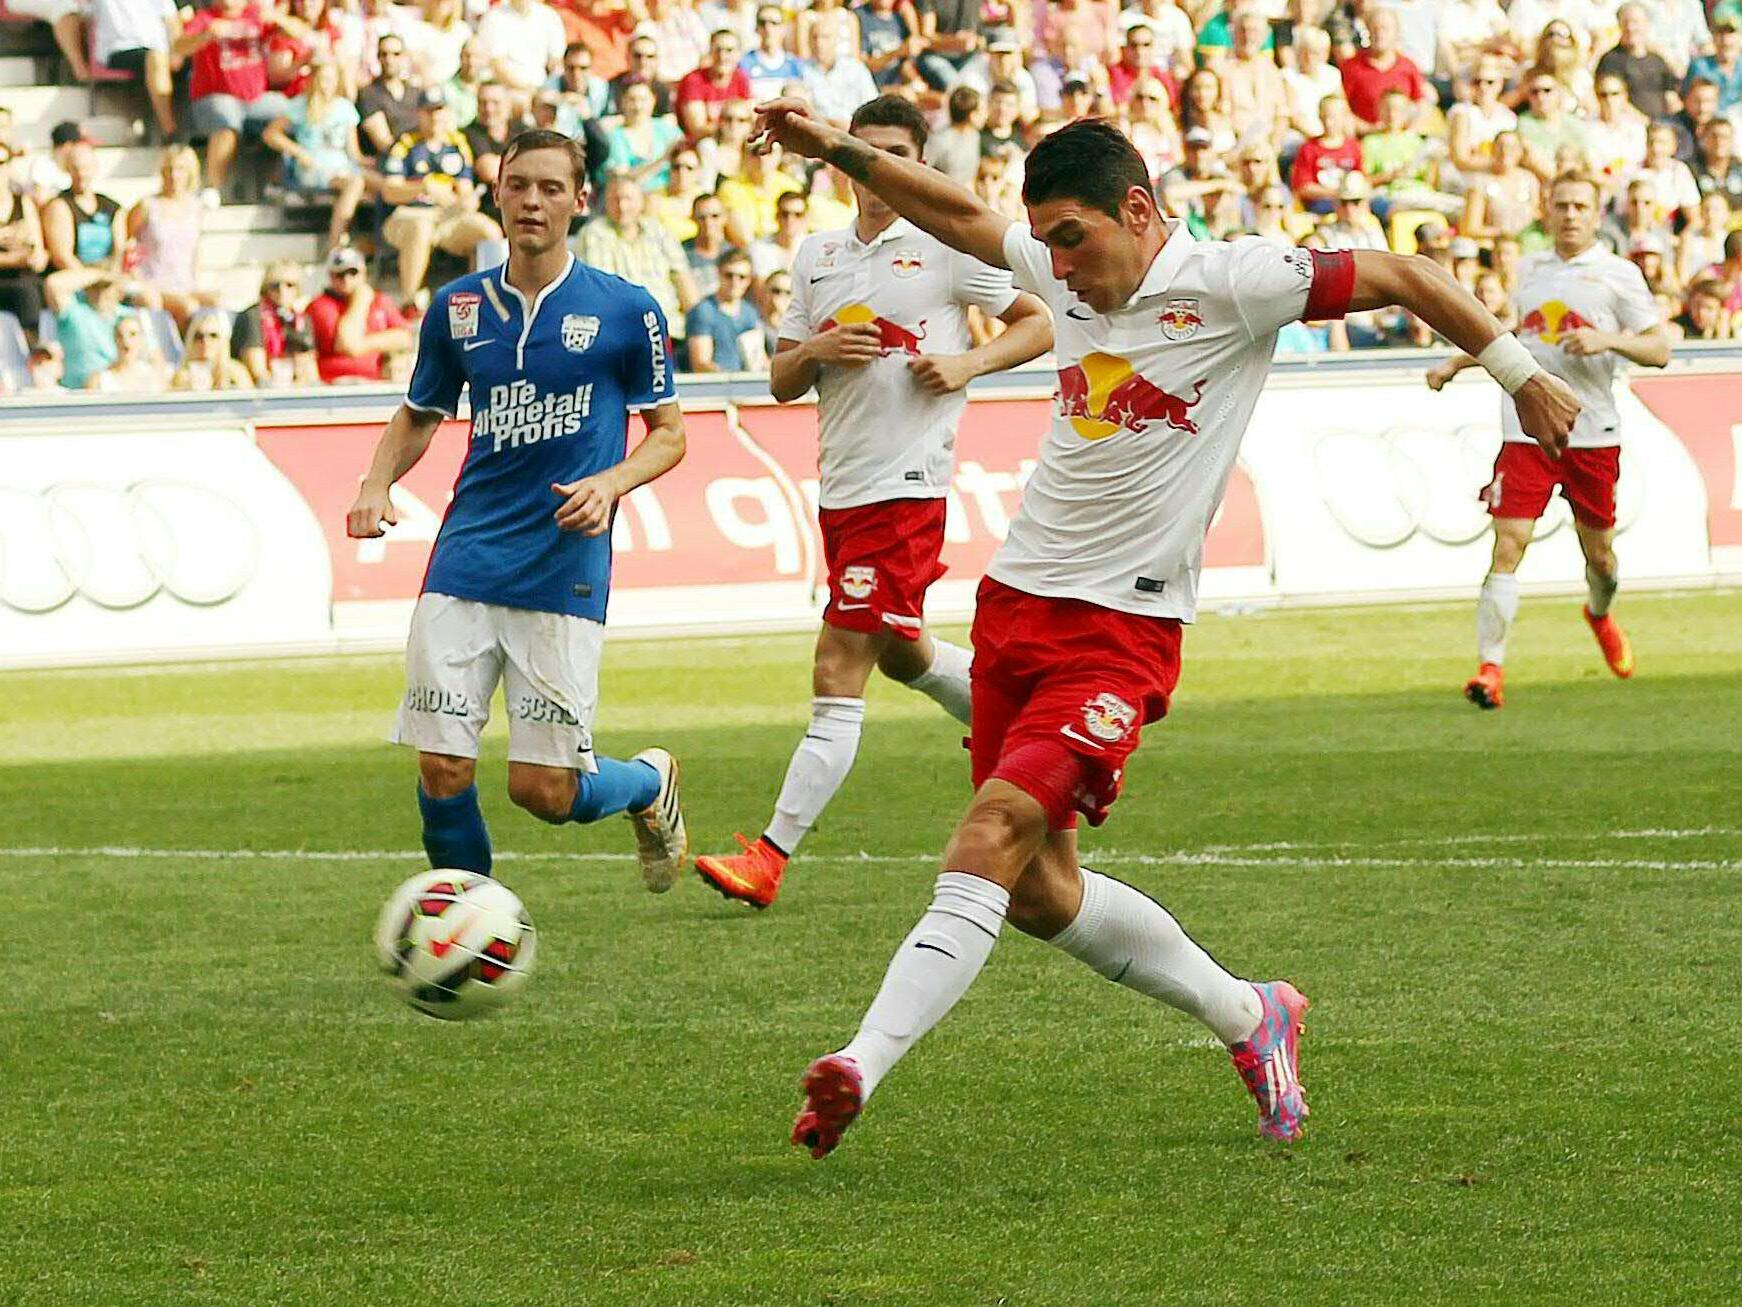 Fußball: Salzburg holte mit 8:0 gegen Grödig Vereins-Liga-Rekord-Sieg